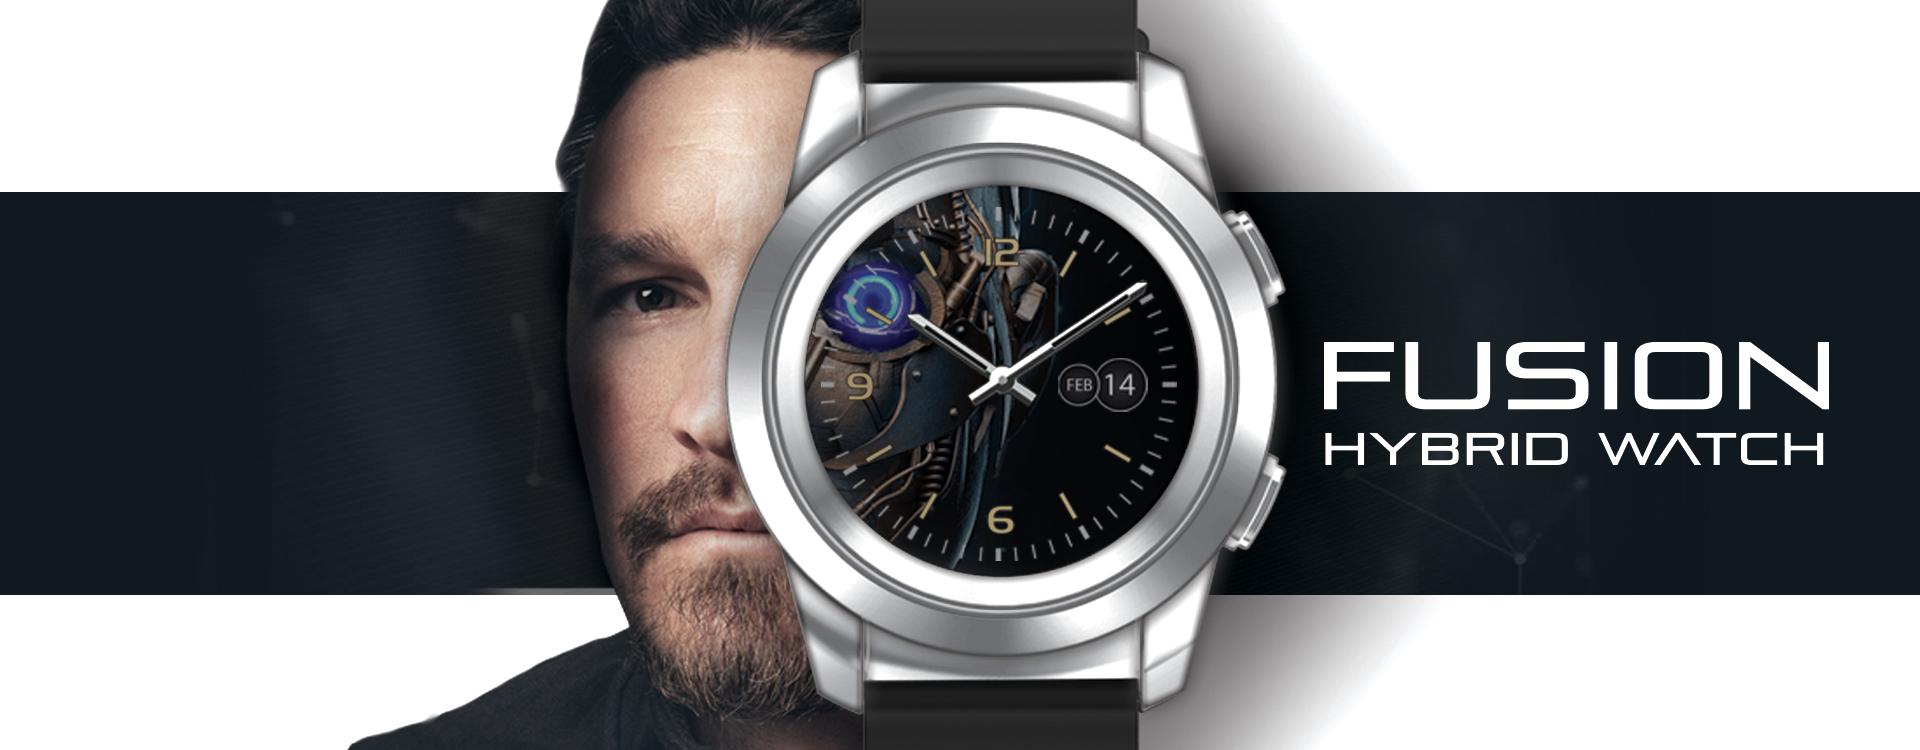 Fusion: Hybrid Watch